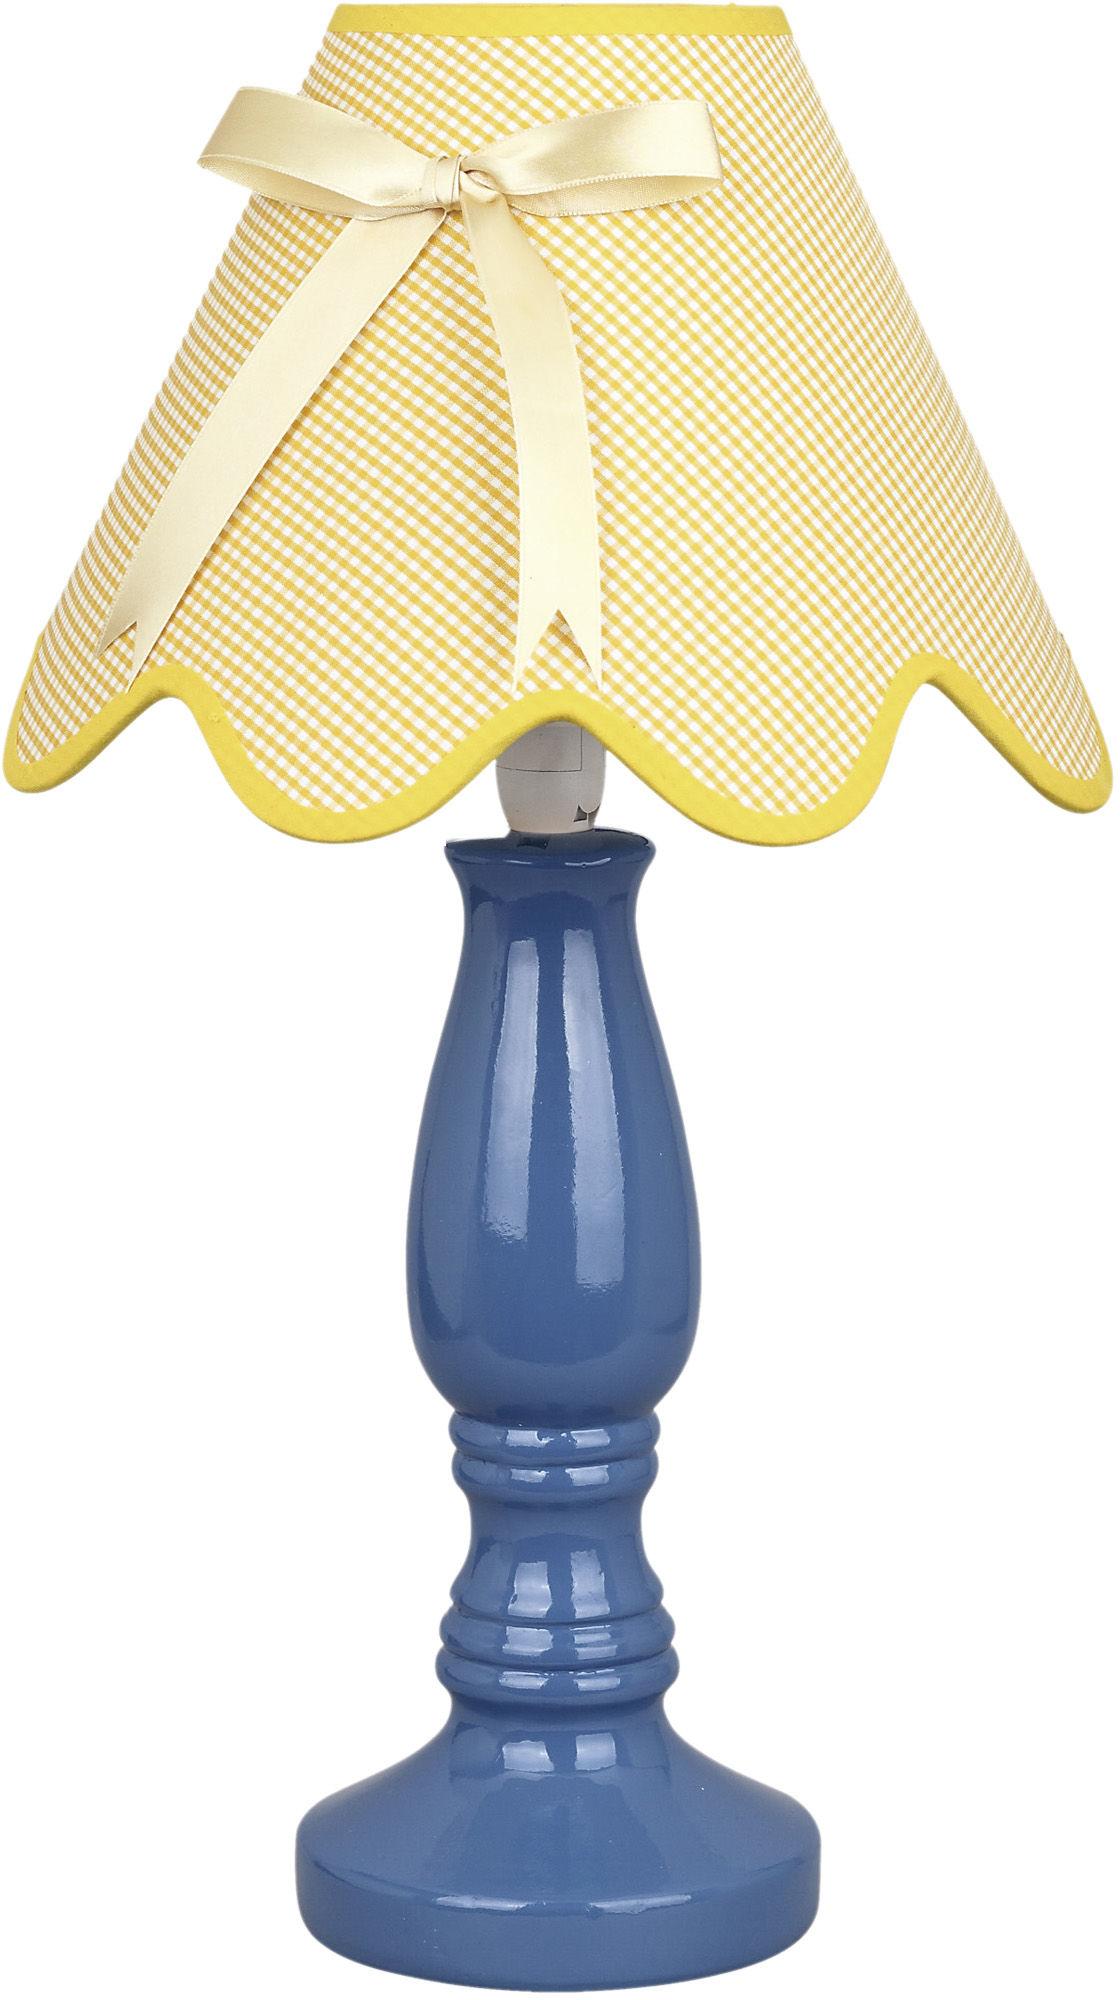 Candellux LOLA 41-63472 lampa stołowa abażur niebiesko-żółta z kokardą 1X40W E14 25cm